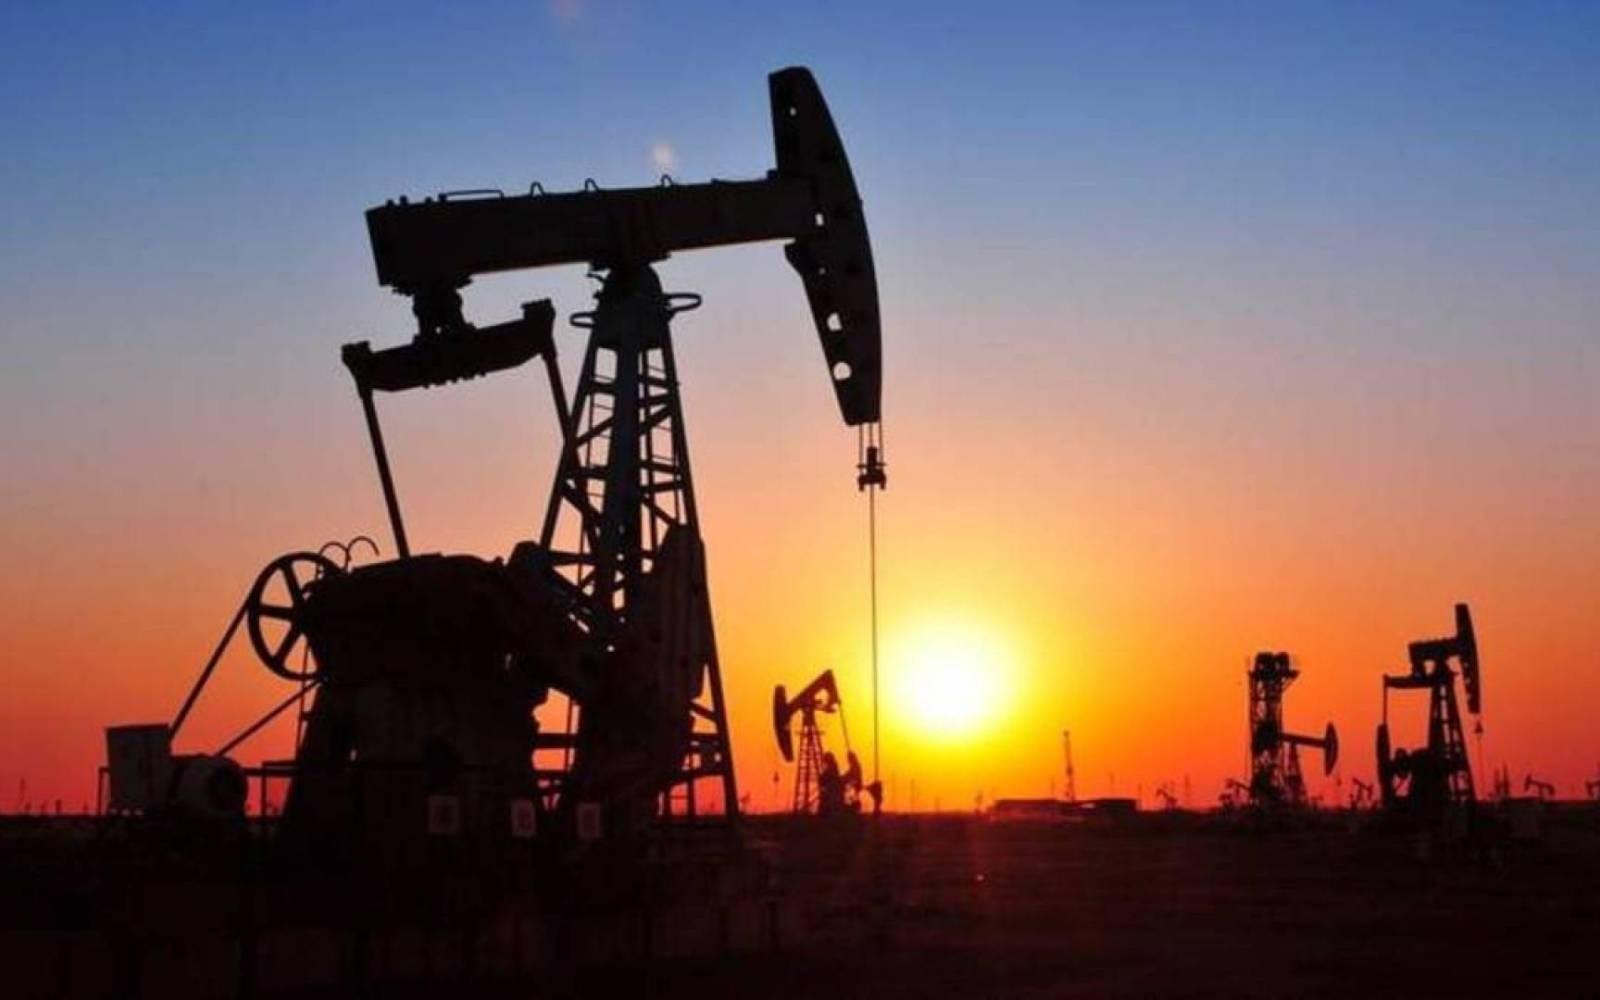 تخفيضات إنتاج قياسية بداية شهر آب/ أغسطس مع تعافي الاقتصاد العالمي